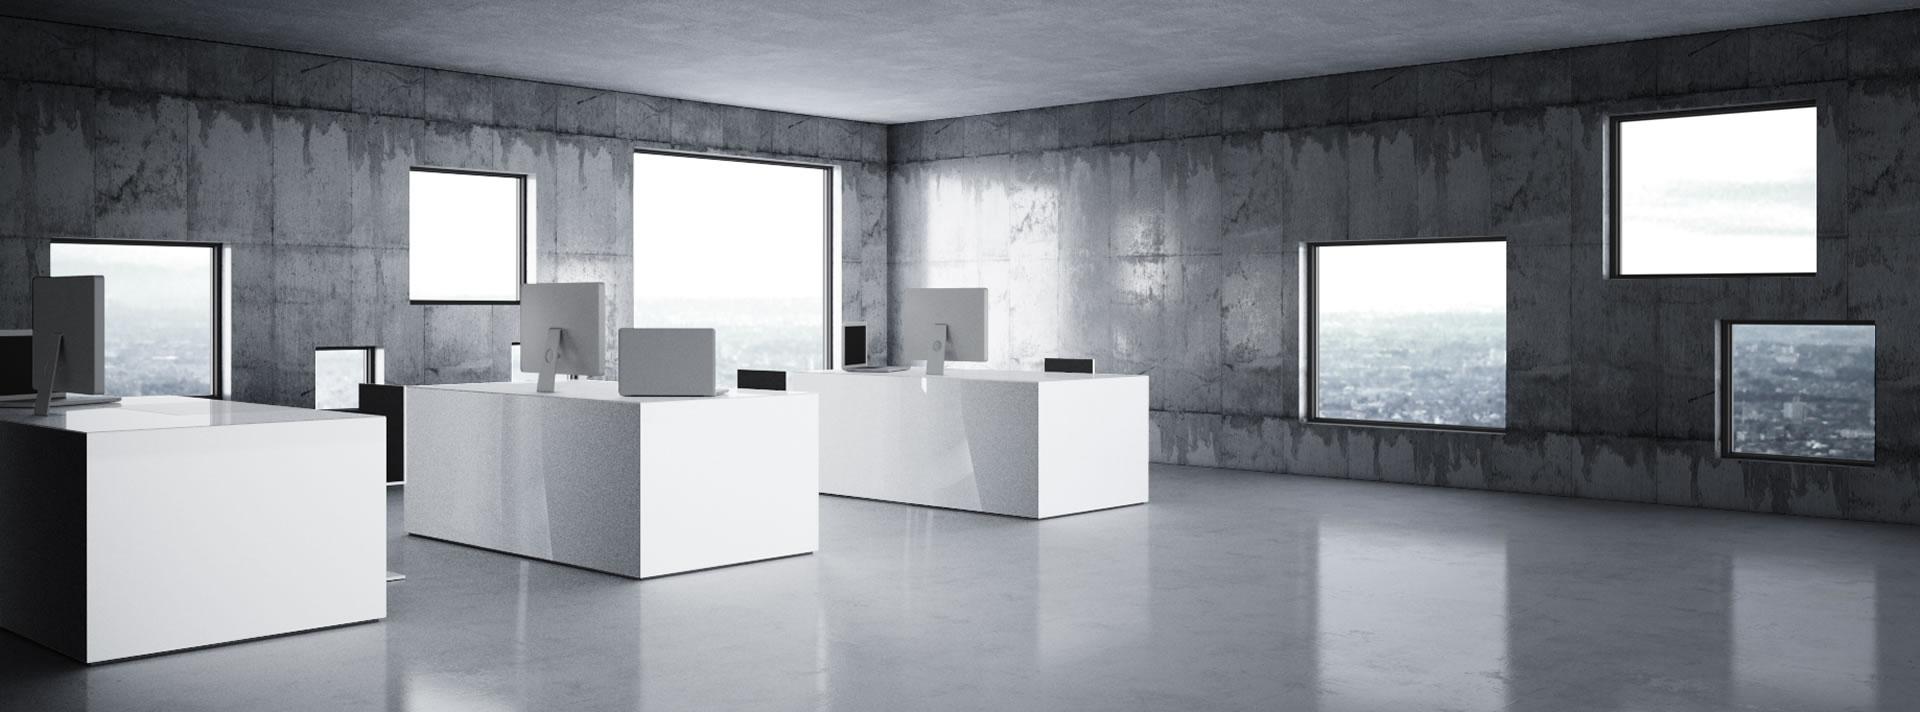 Bueromoebel design  BÜROMÖBEL – weiße Design-Möbel von RECHTECK